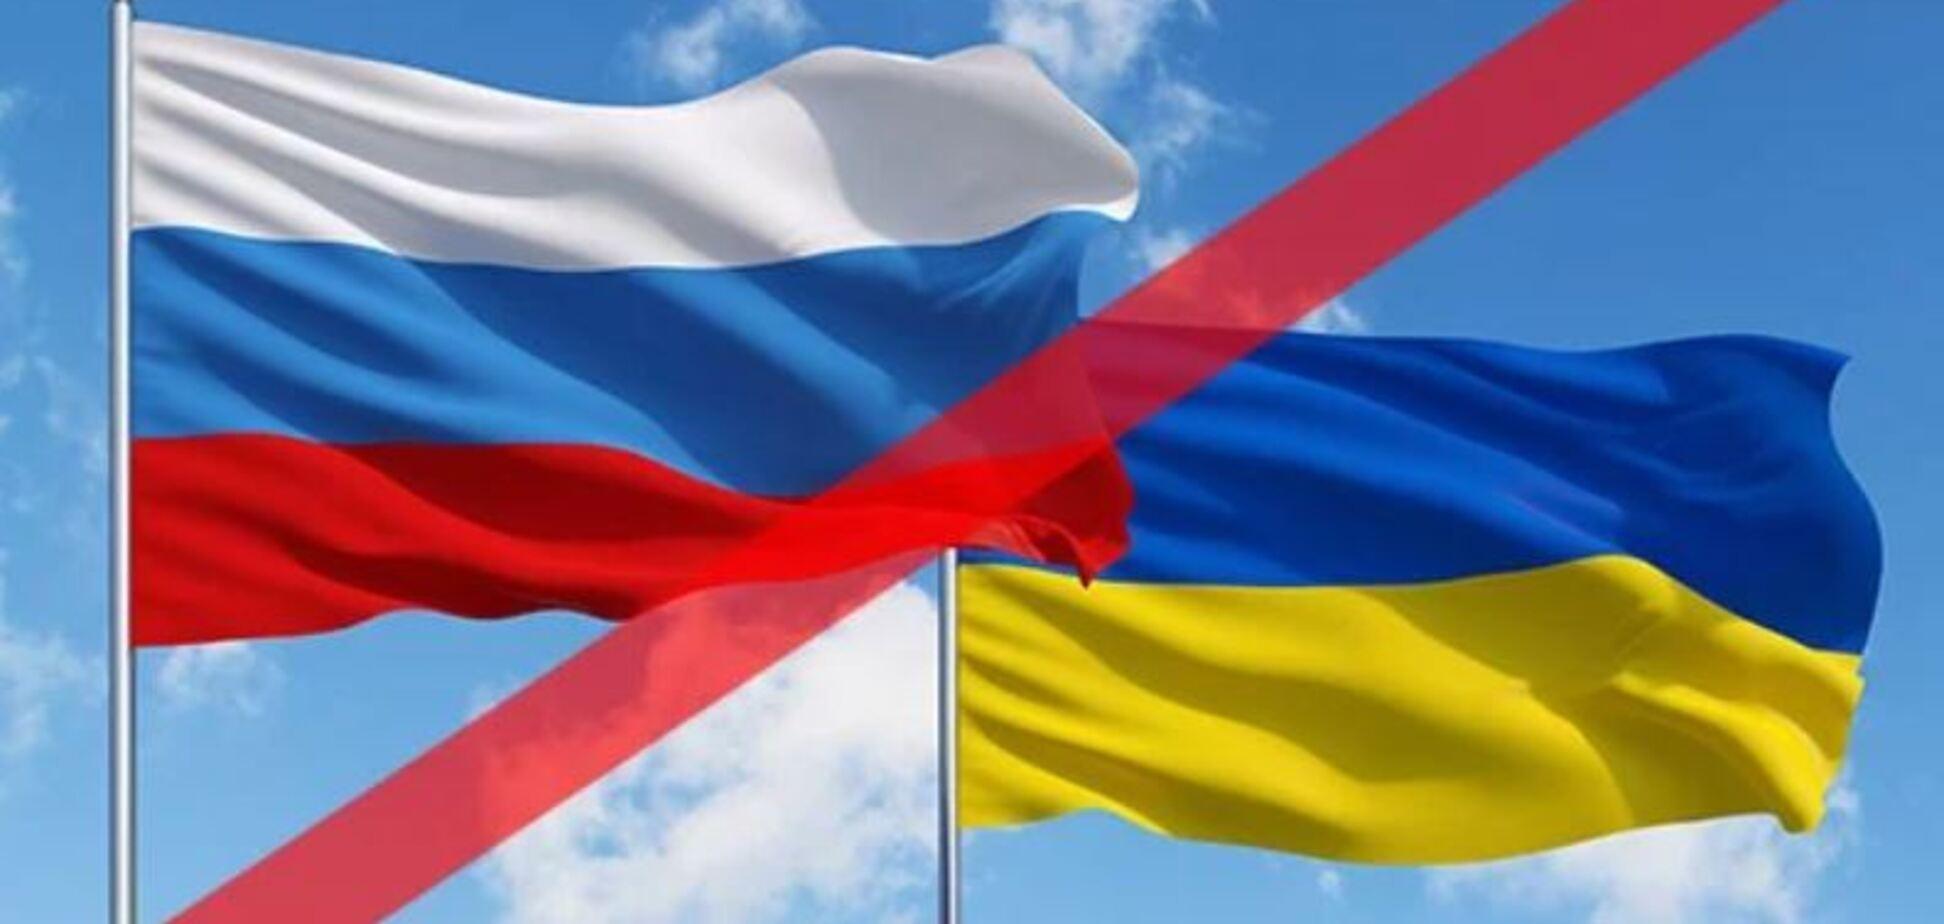 Не о чем говорить: показательная история о россиянине и украинцах на курорте взволновала сеть